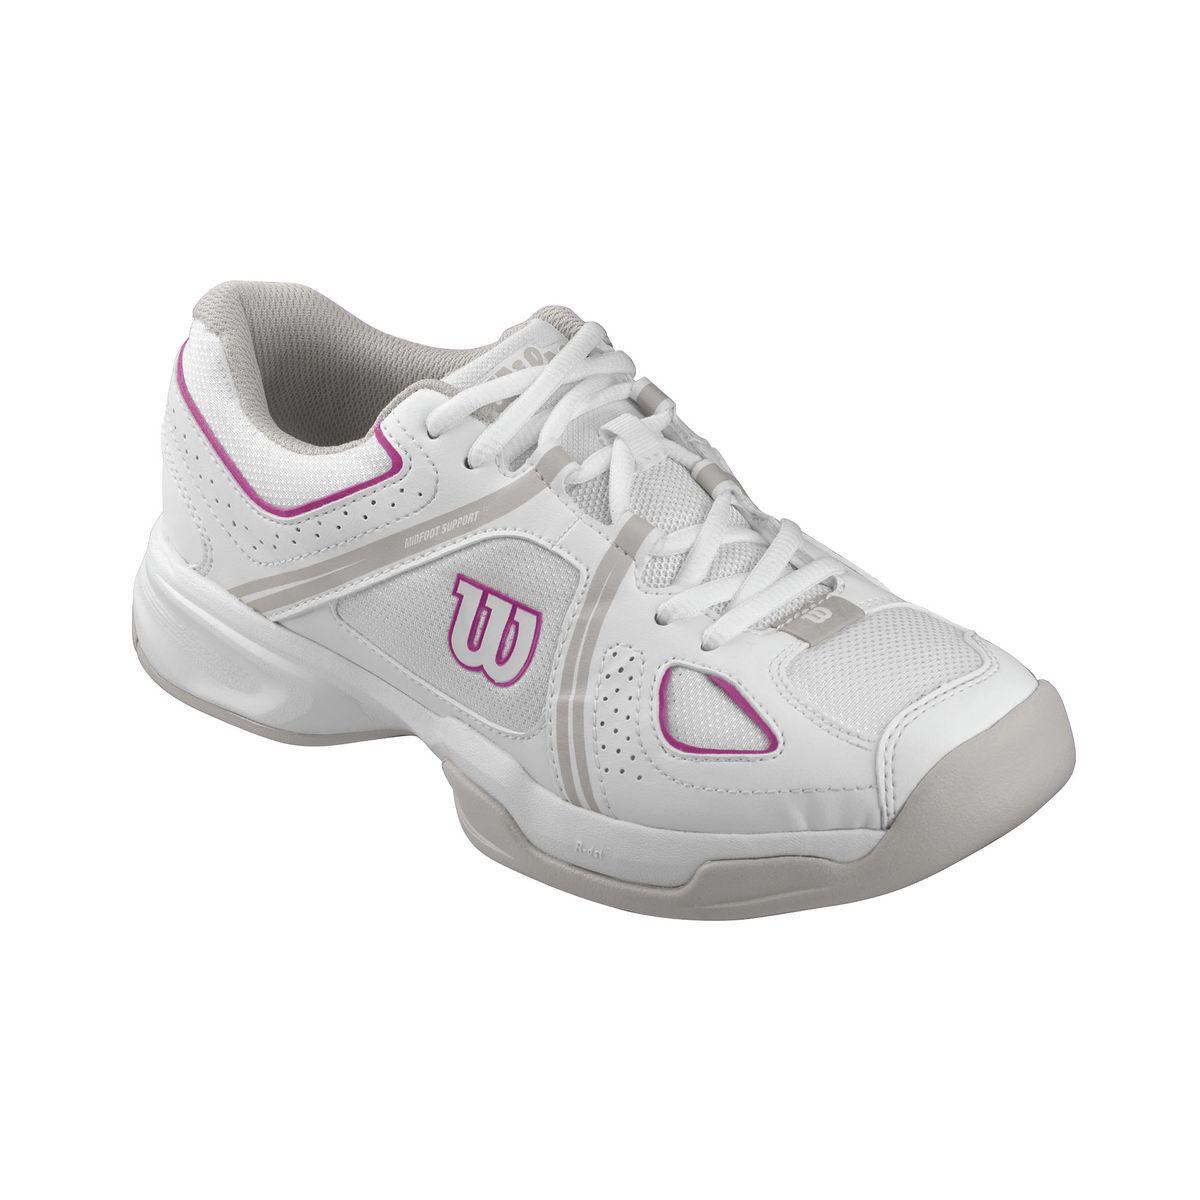 Кроссовки для тенниса жен. NVISION. WRS320880